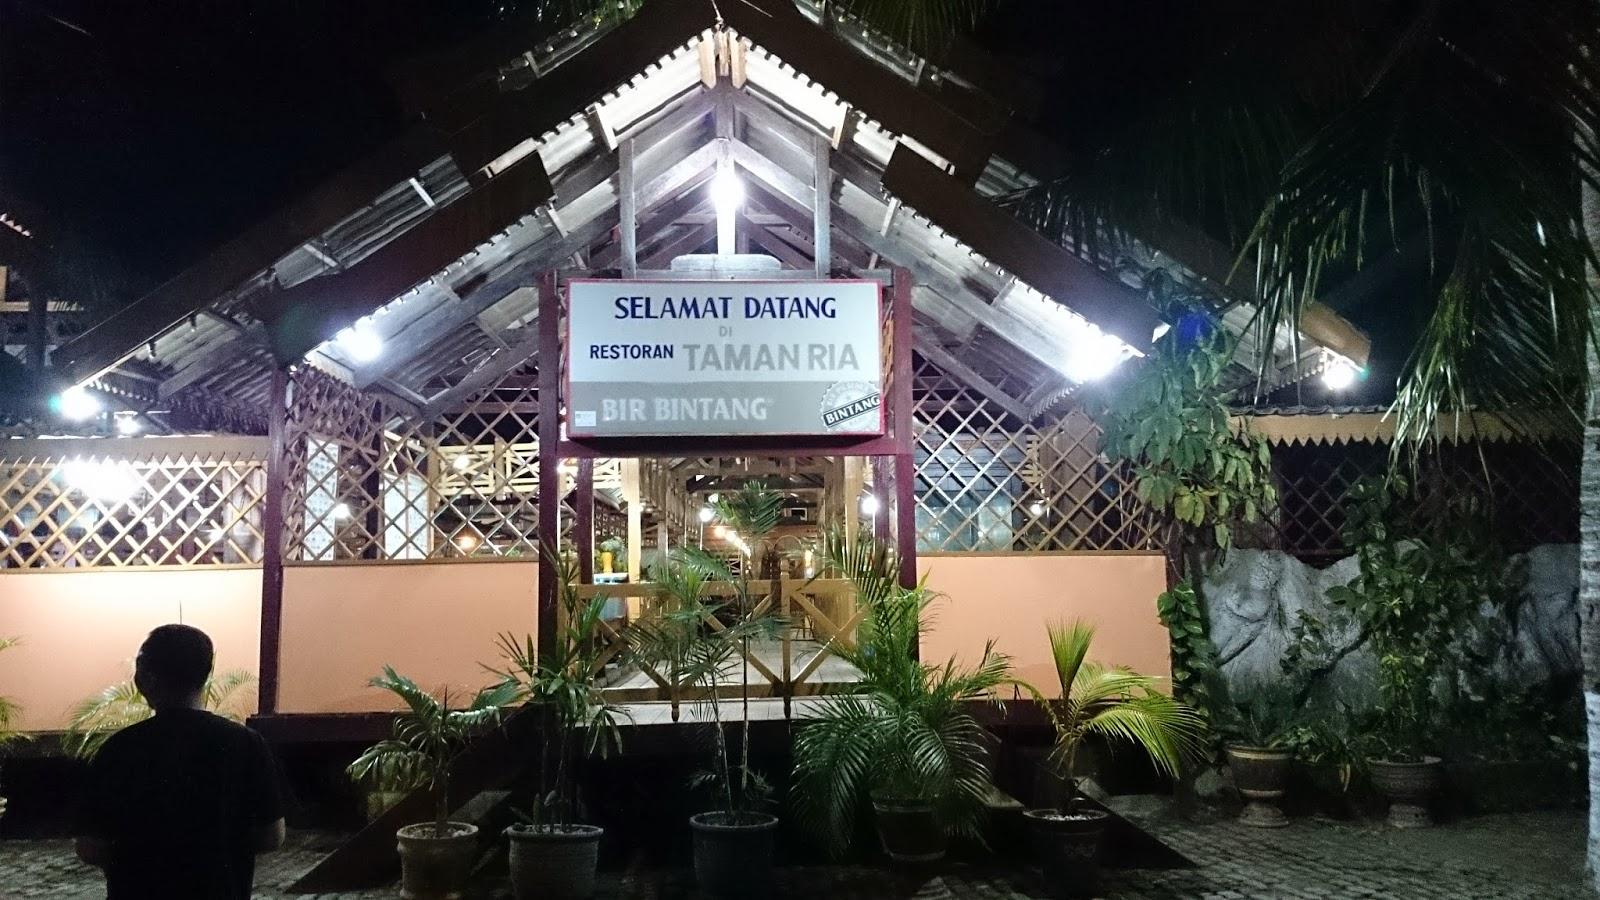 Takjub Indonesia Pantai Taman Ria Palu Diujung Terdapat Masjid Apung